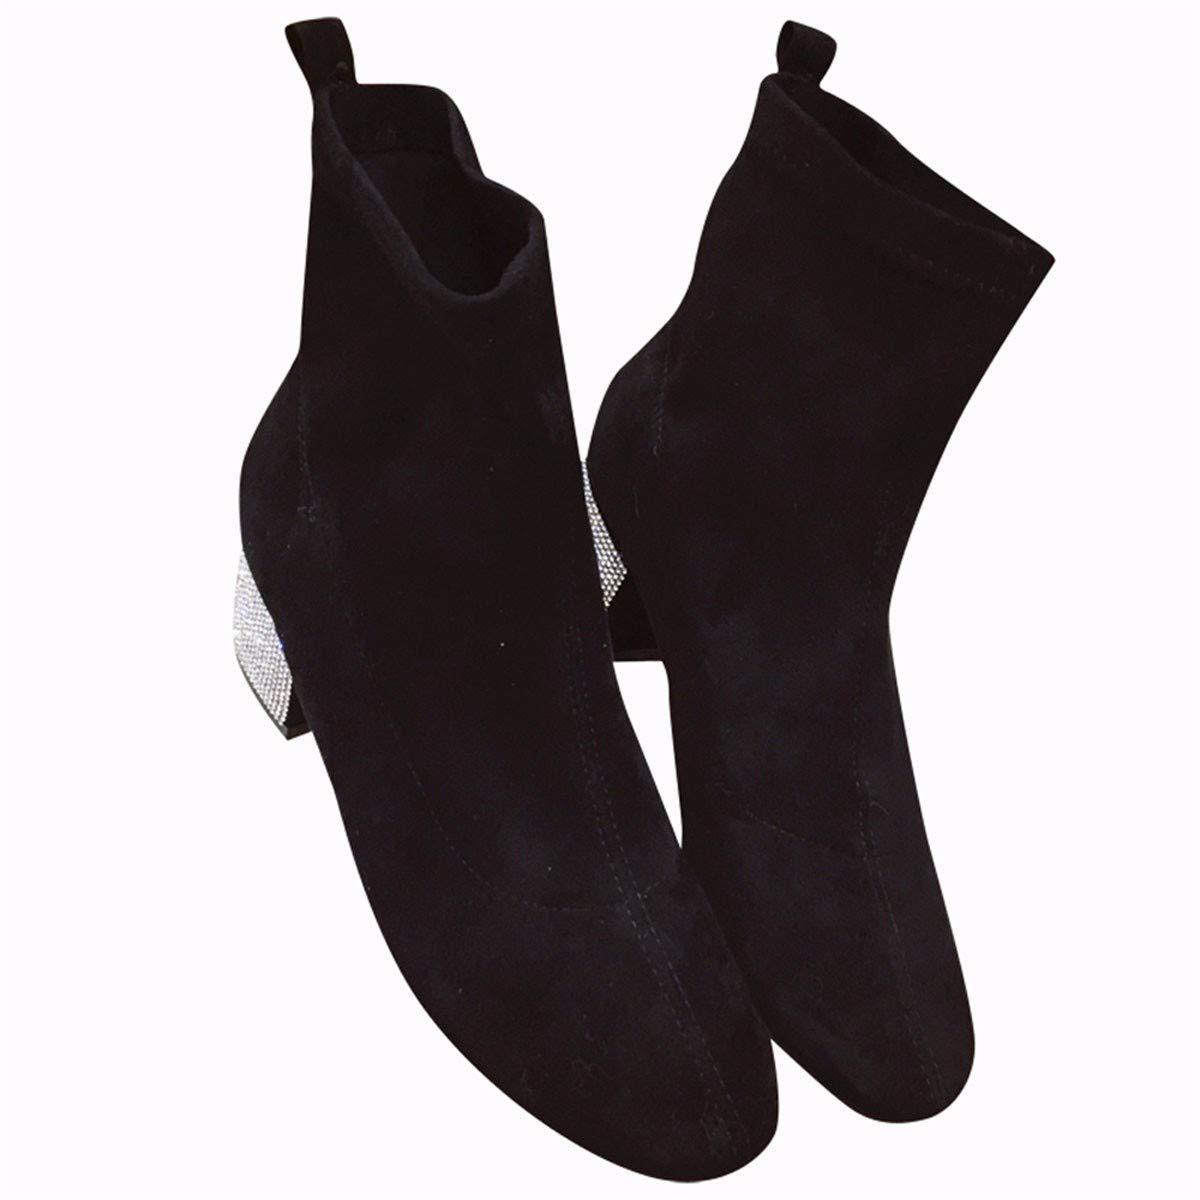 HBDLH Damenschuhe Schuhe Heel 5Cm 100 Sätze Retro Wildleder Am Kopf Drill Bei Martin Stiefel Schlank Schwarze Stiefel